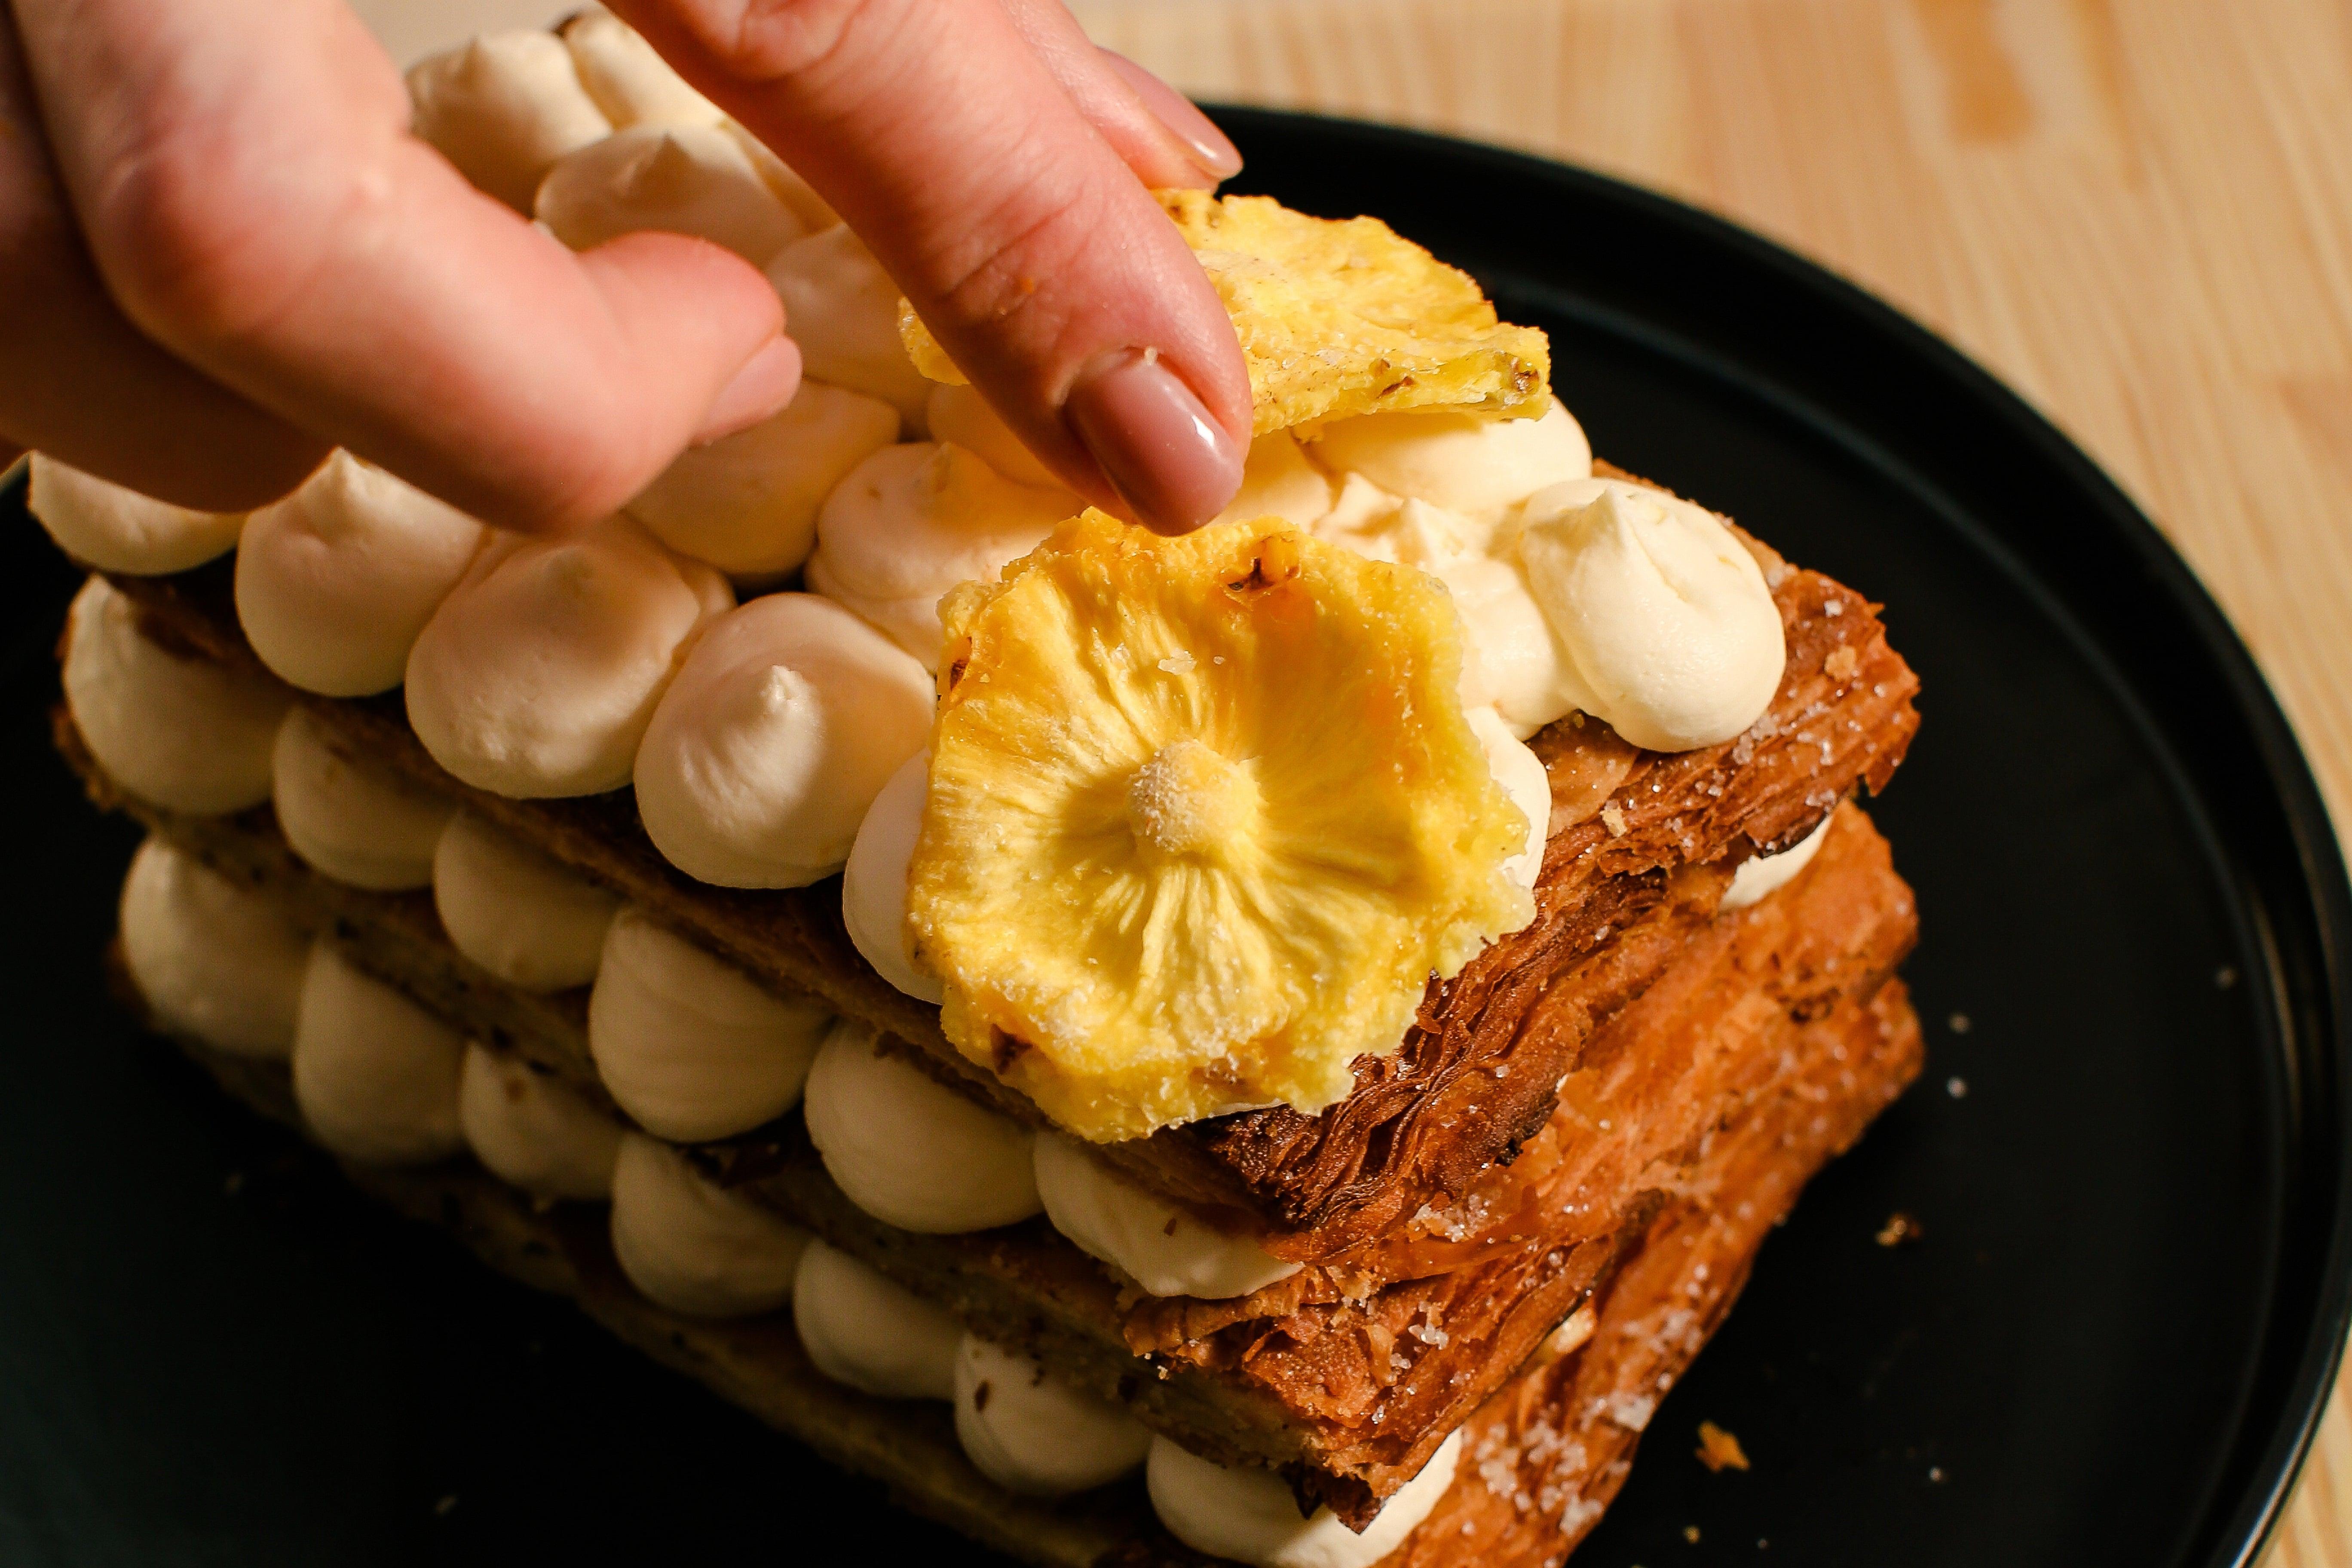 Приготувати ананасові чіпси та прикрасити ними мільфей. Для ананасових чіпсів зварити сироп – вода + цукор, довести до кипіння та проварити 4-5 хвилин. Ананас нарізати кружальцями товщиною 0,5 см. Занурити ананас в сироп,  викласти на пергаментний папір та висушити у духовій шафі за температури 110-120ºC протягом 2 годин.